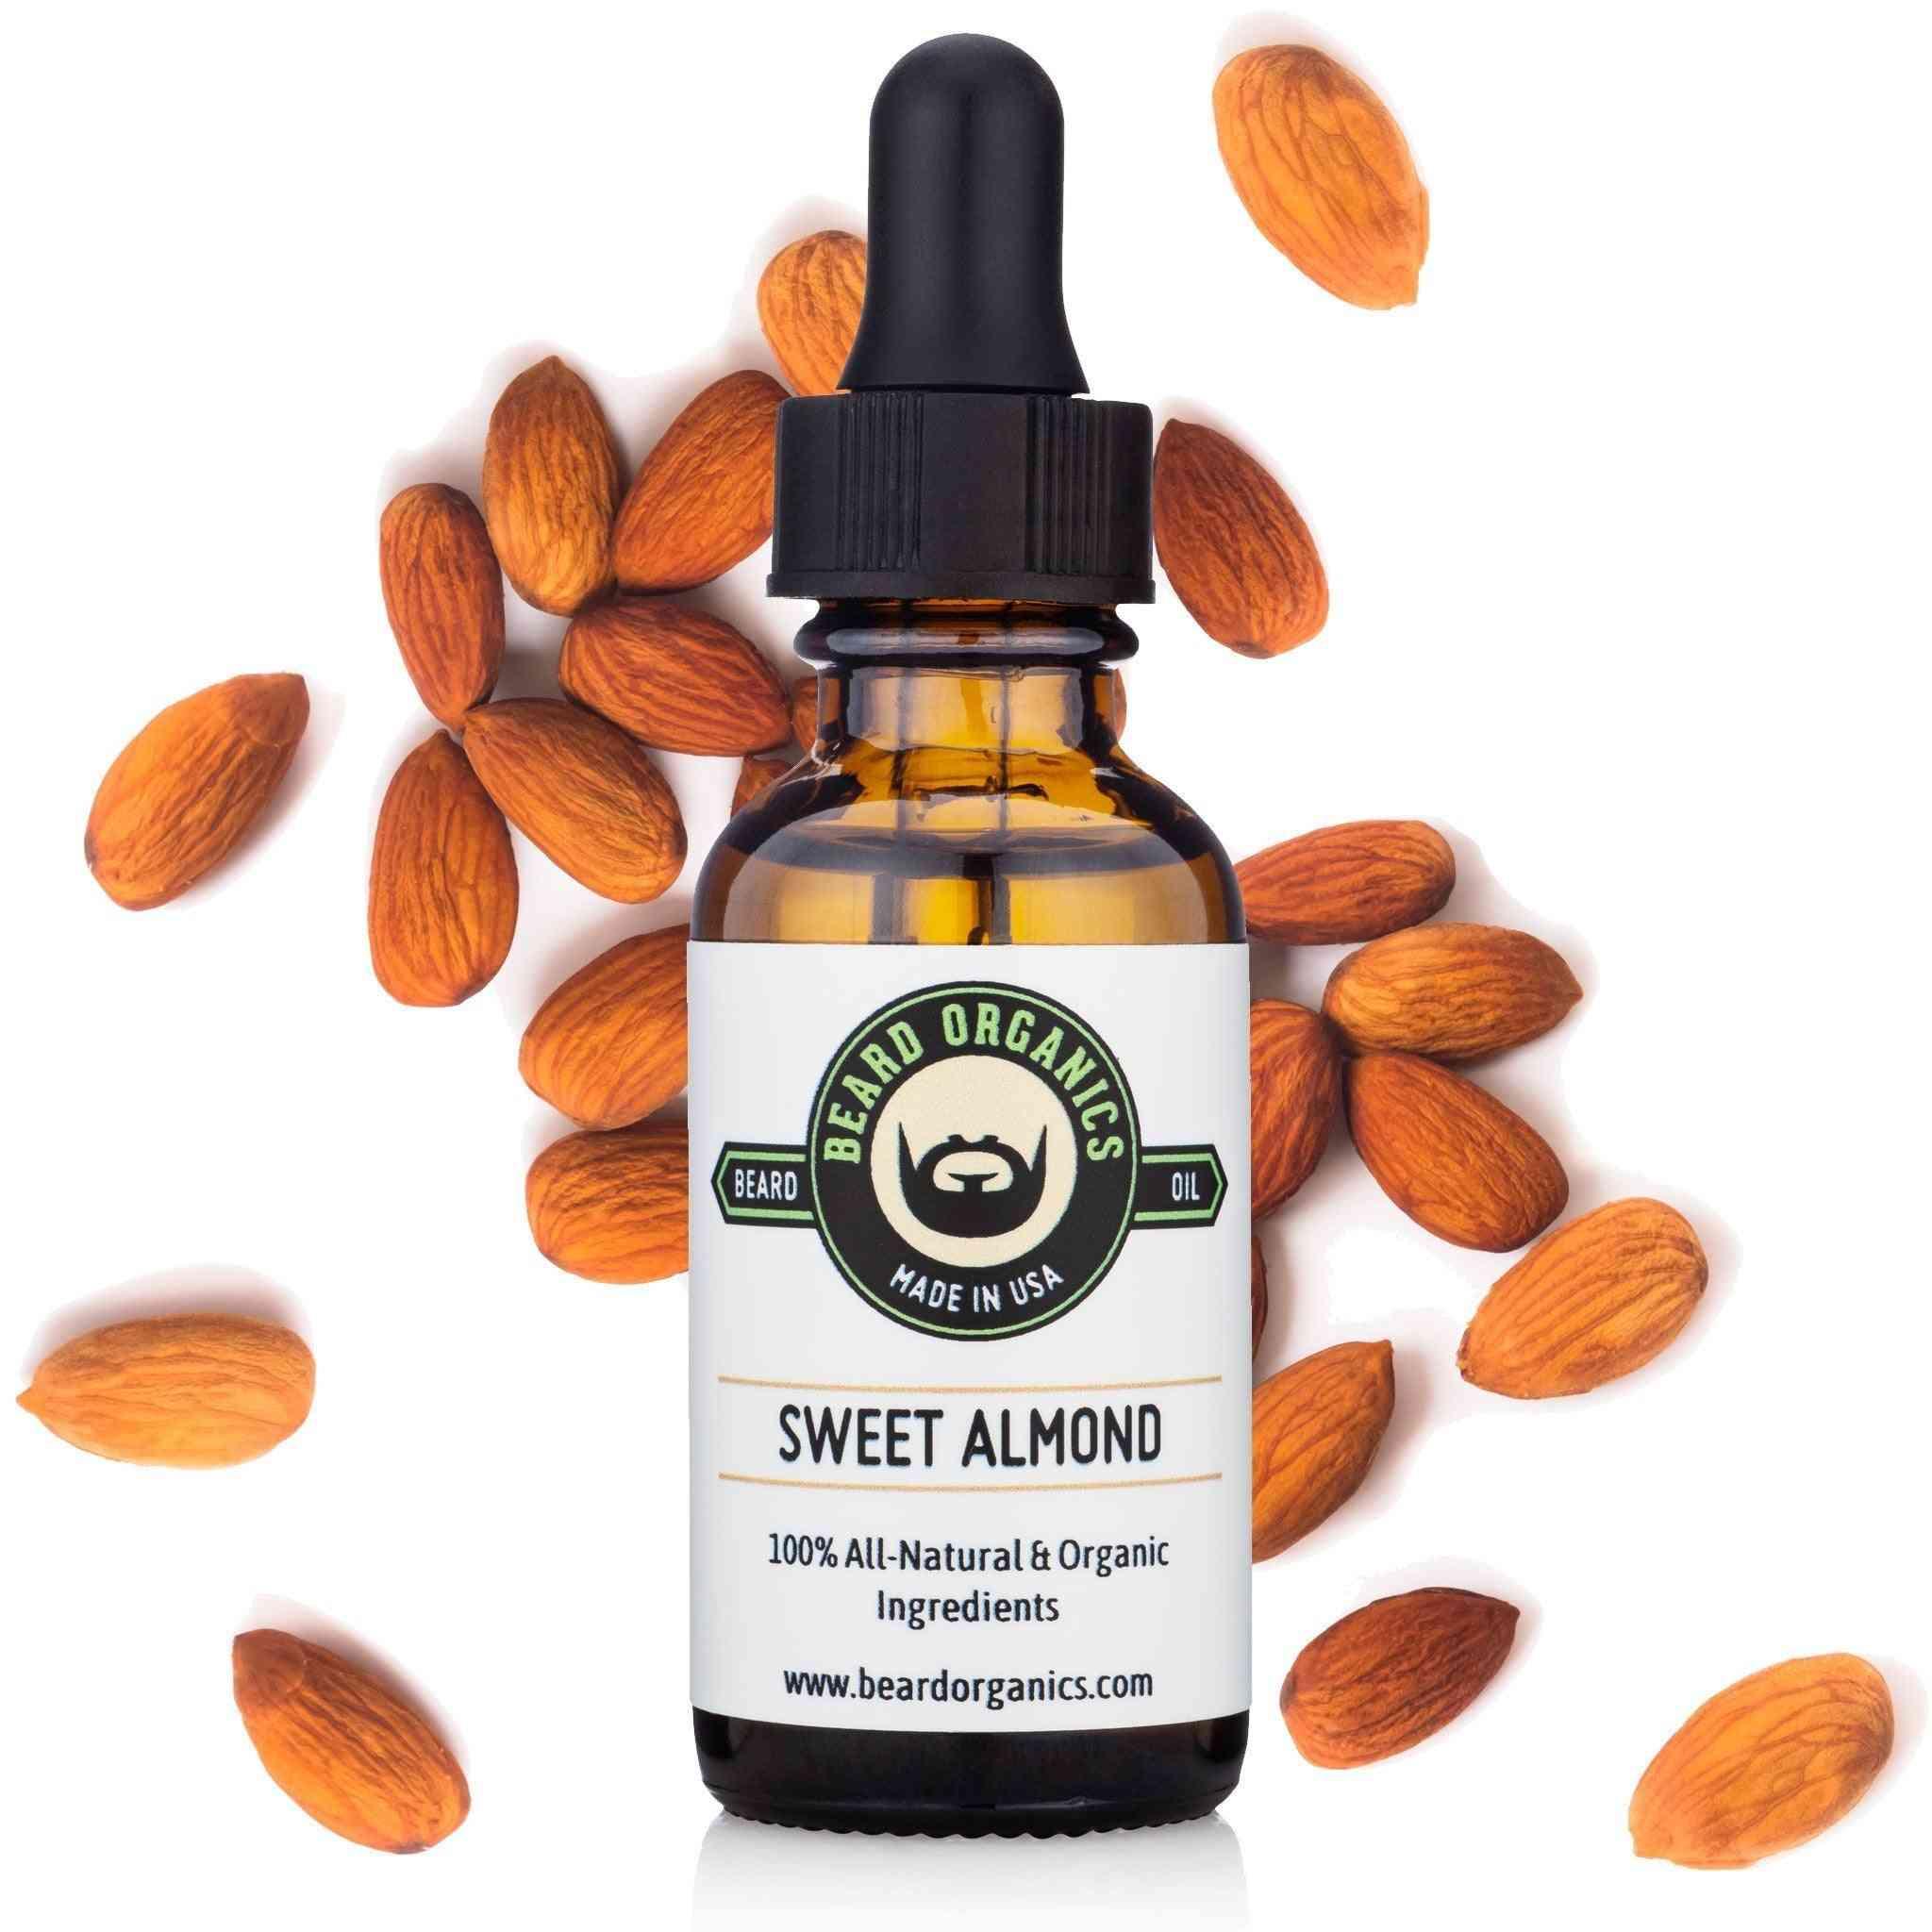 Sweet Almond Beard Oil